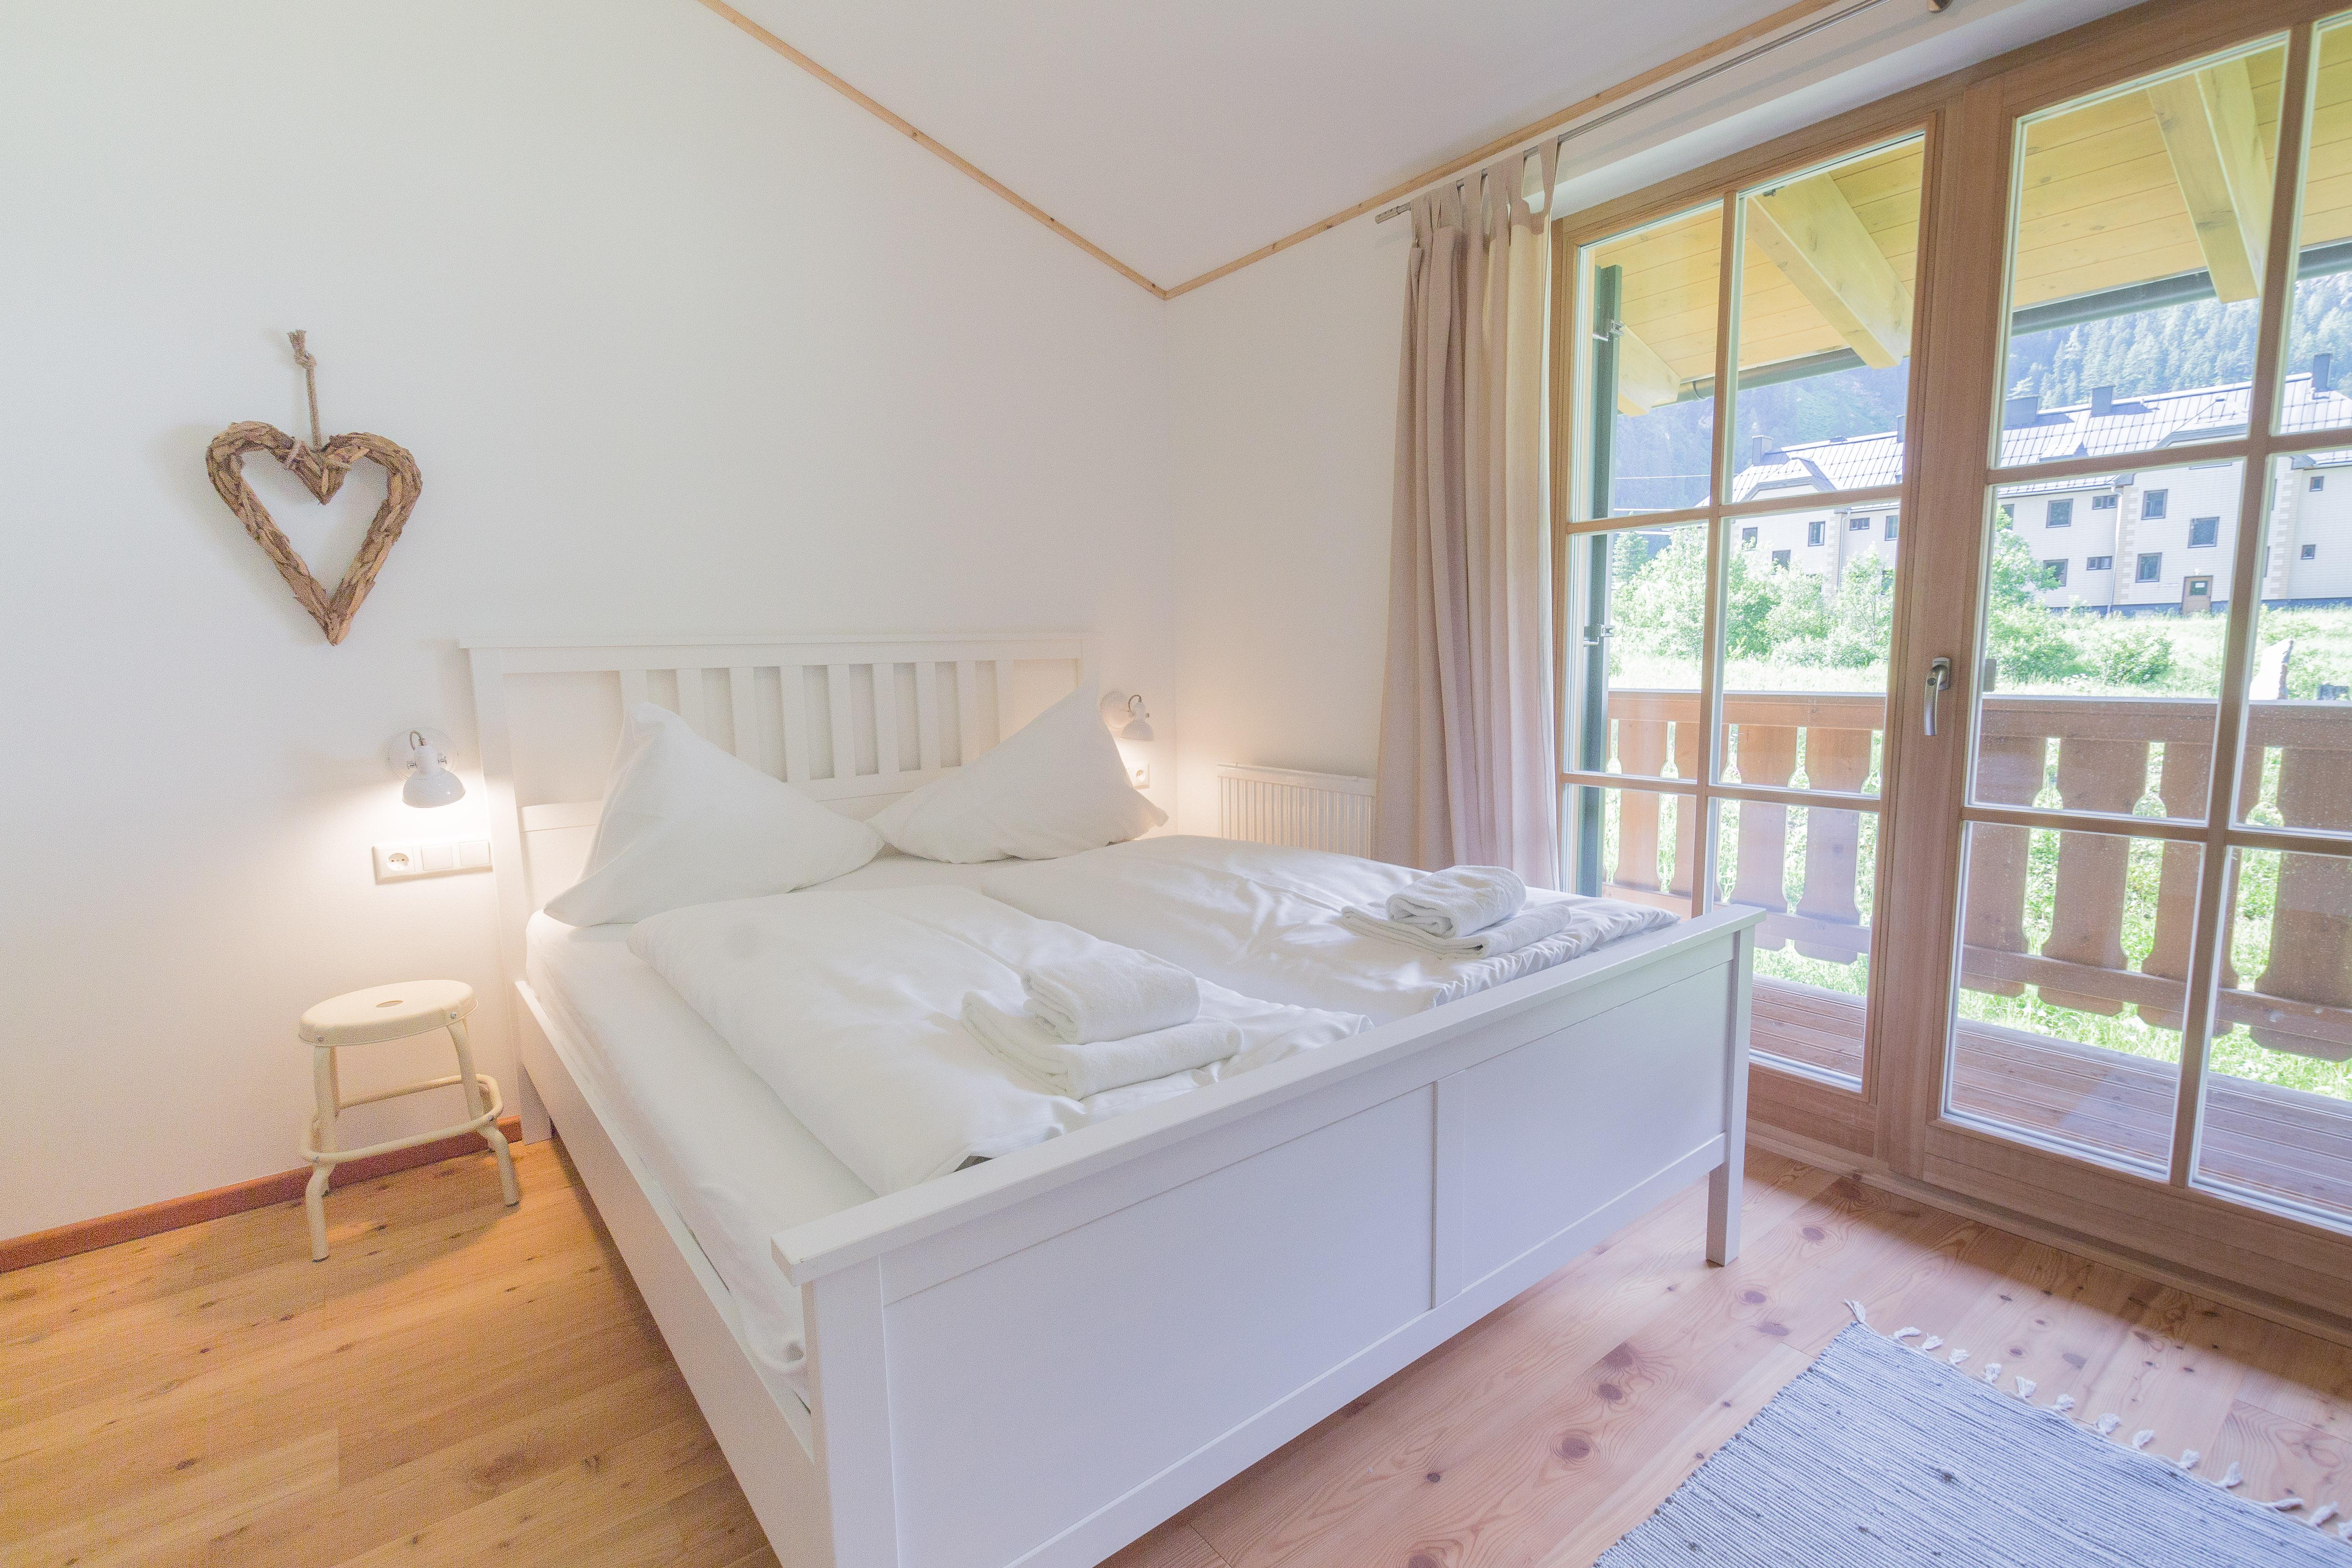 Maison de vacances Lodge Enzian direkt am Skilift (2050396), Uttendorf, Pinzgau, Salzbourg, Autriche, image 16